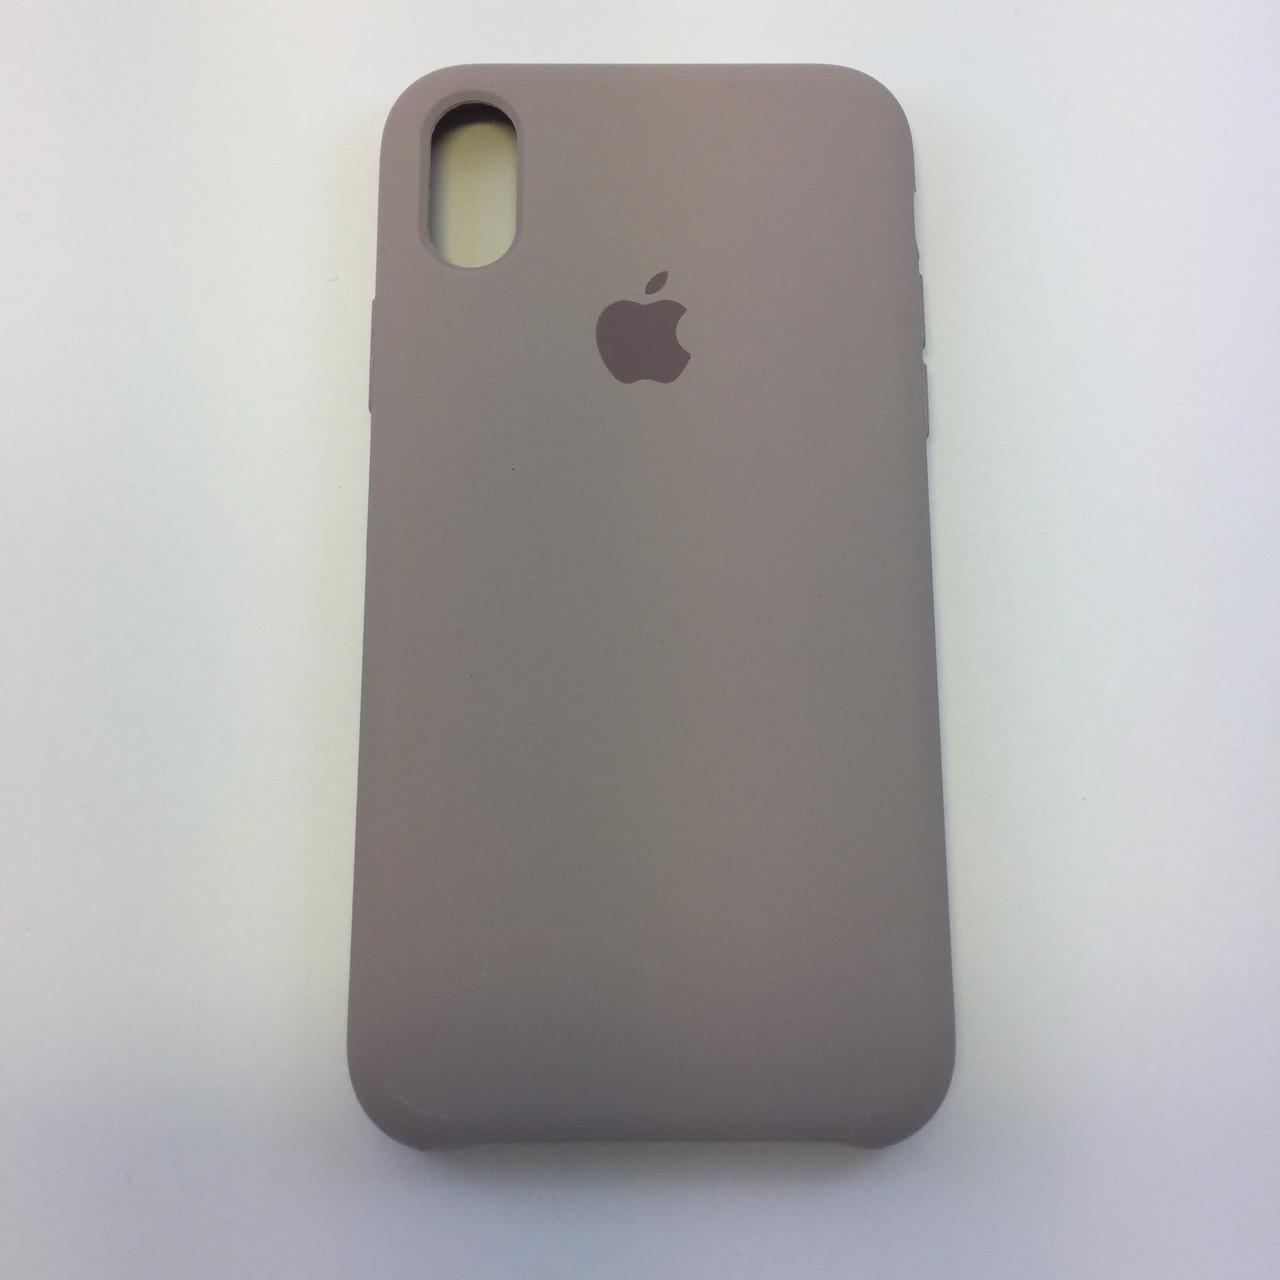 Силиконовый чехол для iPhone Xr, - «лаванда» - copy original